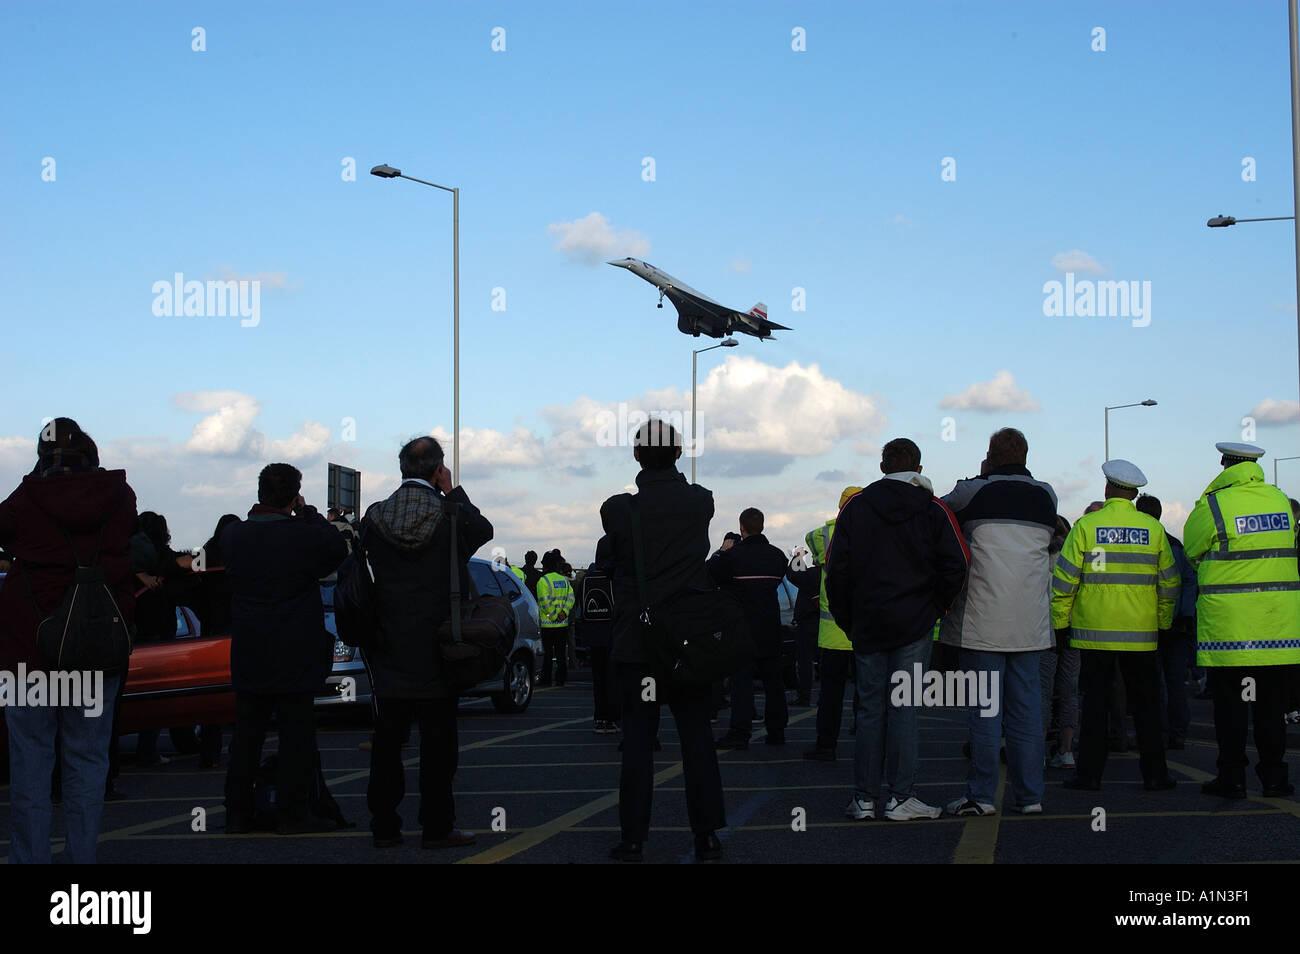 Concorde letzten kommerziellen Flug Ankunft am Flughafen Heathrow Stockfoto